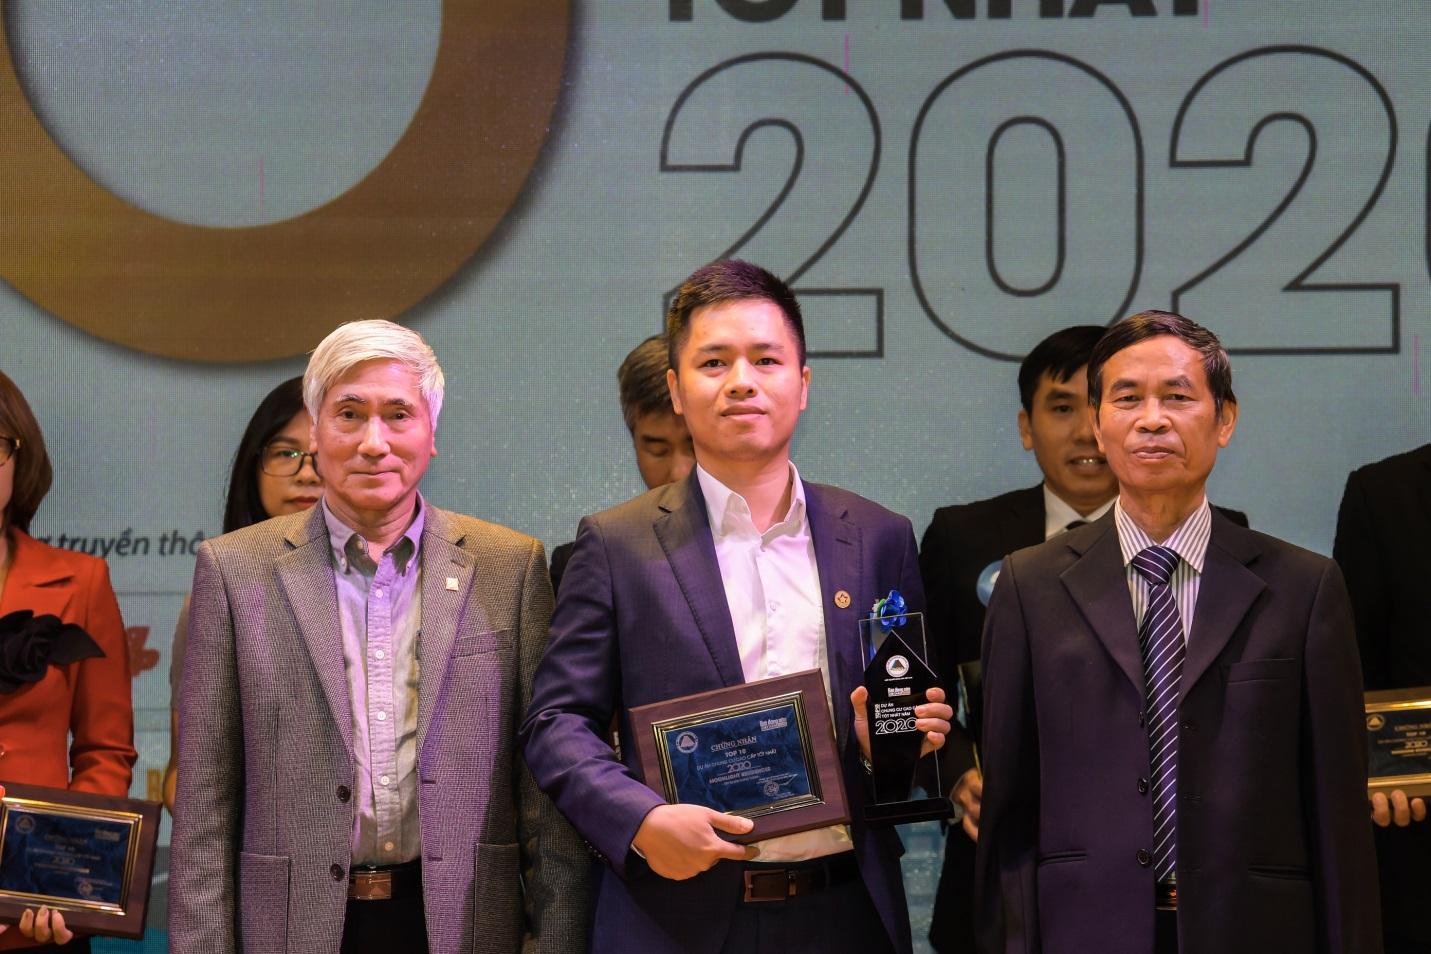 Ông Phạm Hải Đăng - Phó Tổng Giám đốc Tập đoàn GFS nhận giải thưởng Top 10 dự án chung cư cao cấp tốt nhất 2020.